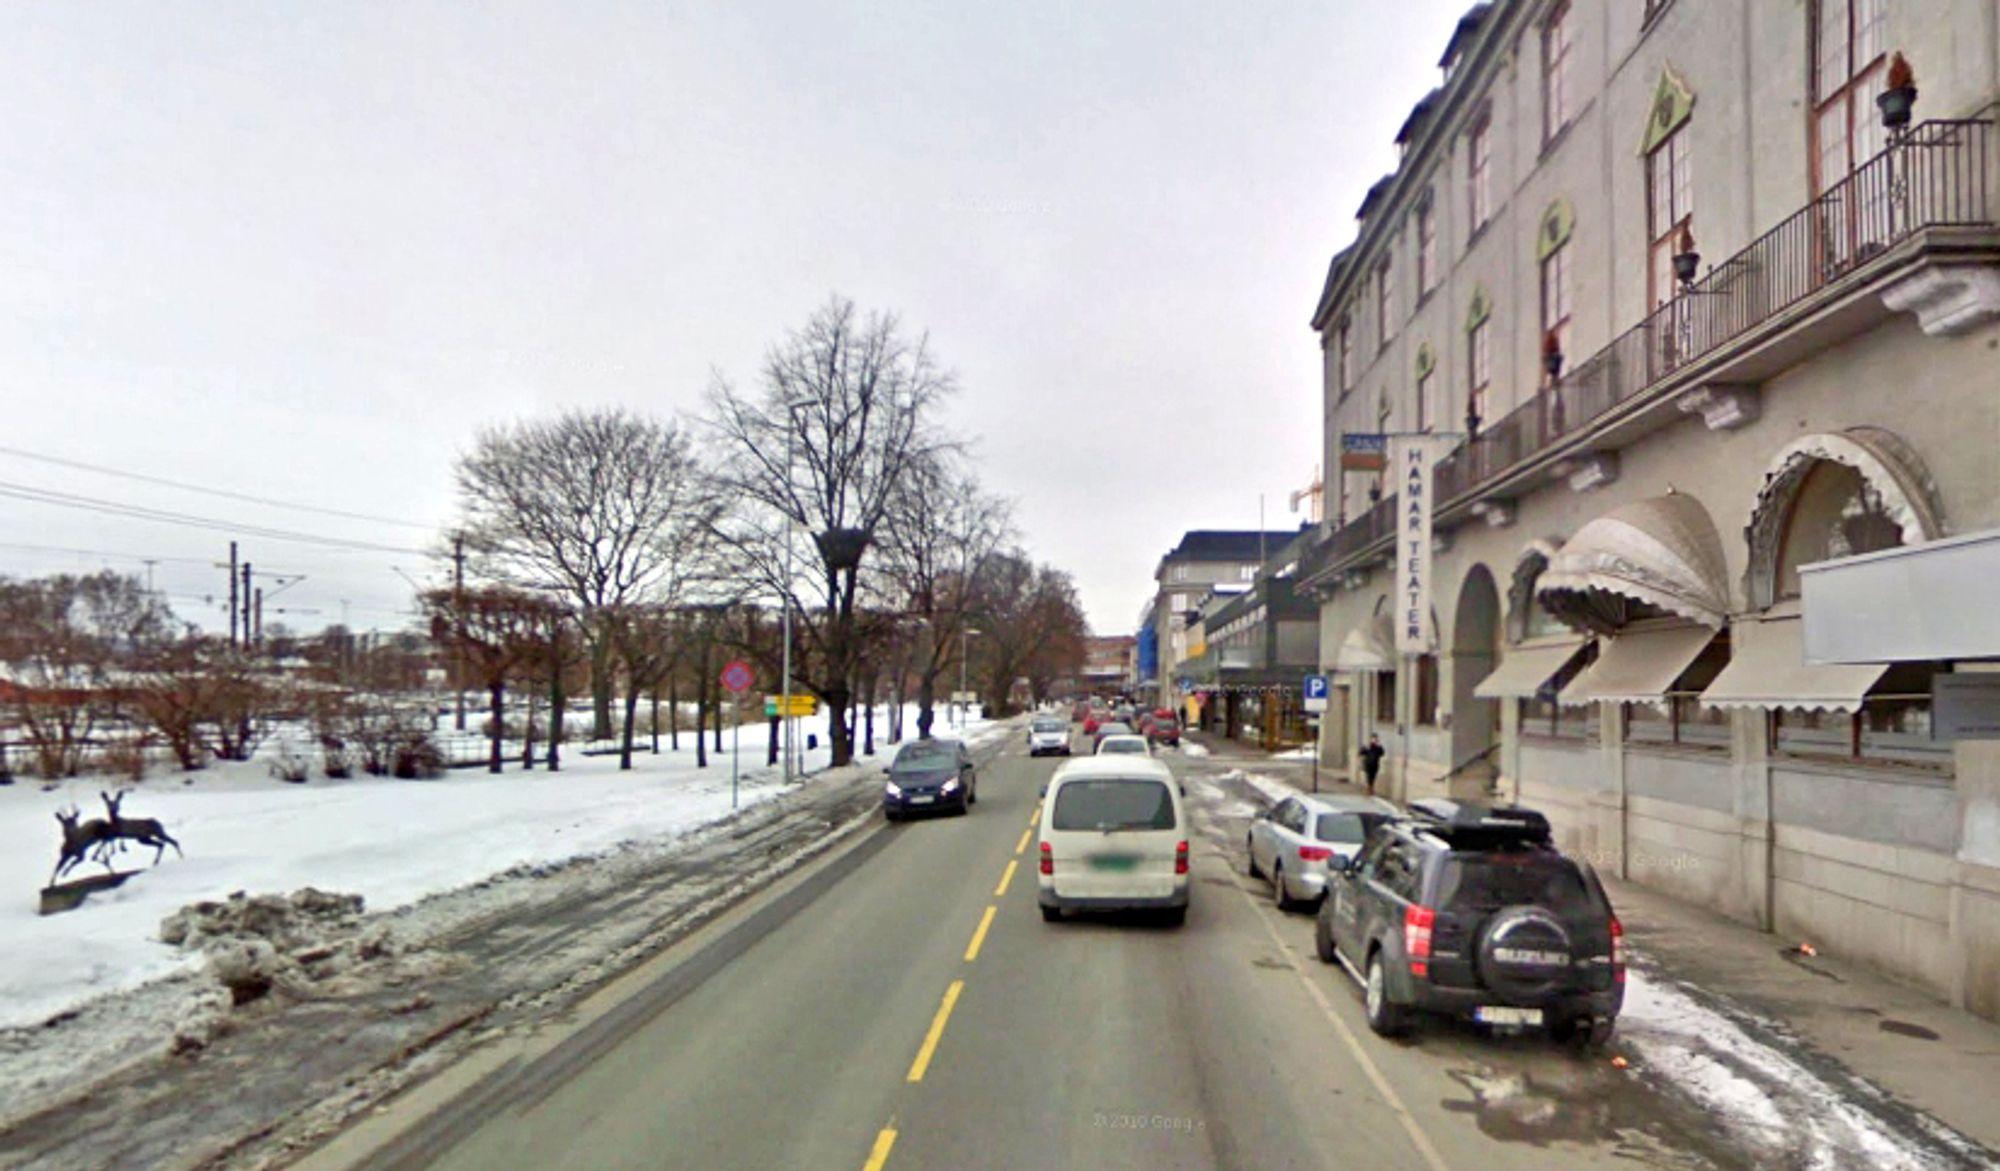 Fortauene langs Strandgata er dårlig egnet til å ta unna trafikken når det er mye folk. Dobloug Entreprenør ligger godt an til å få jobben med å utvide dem.